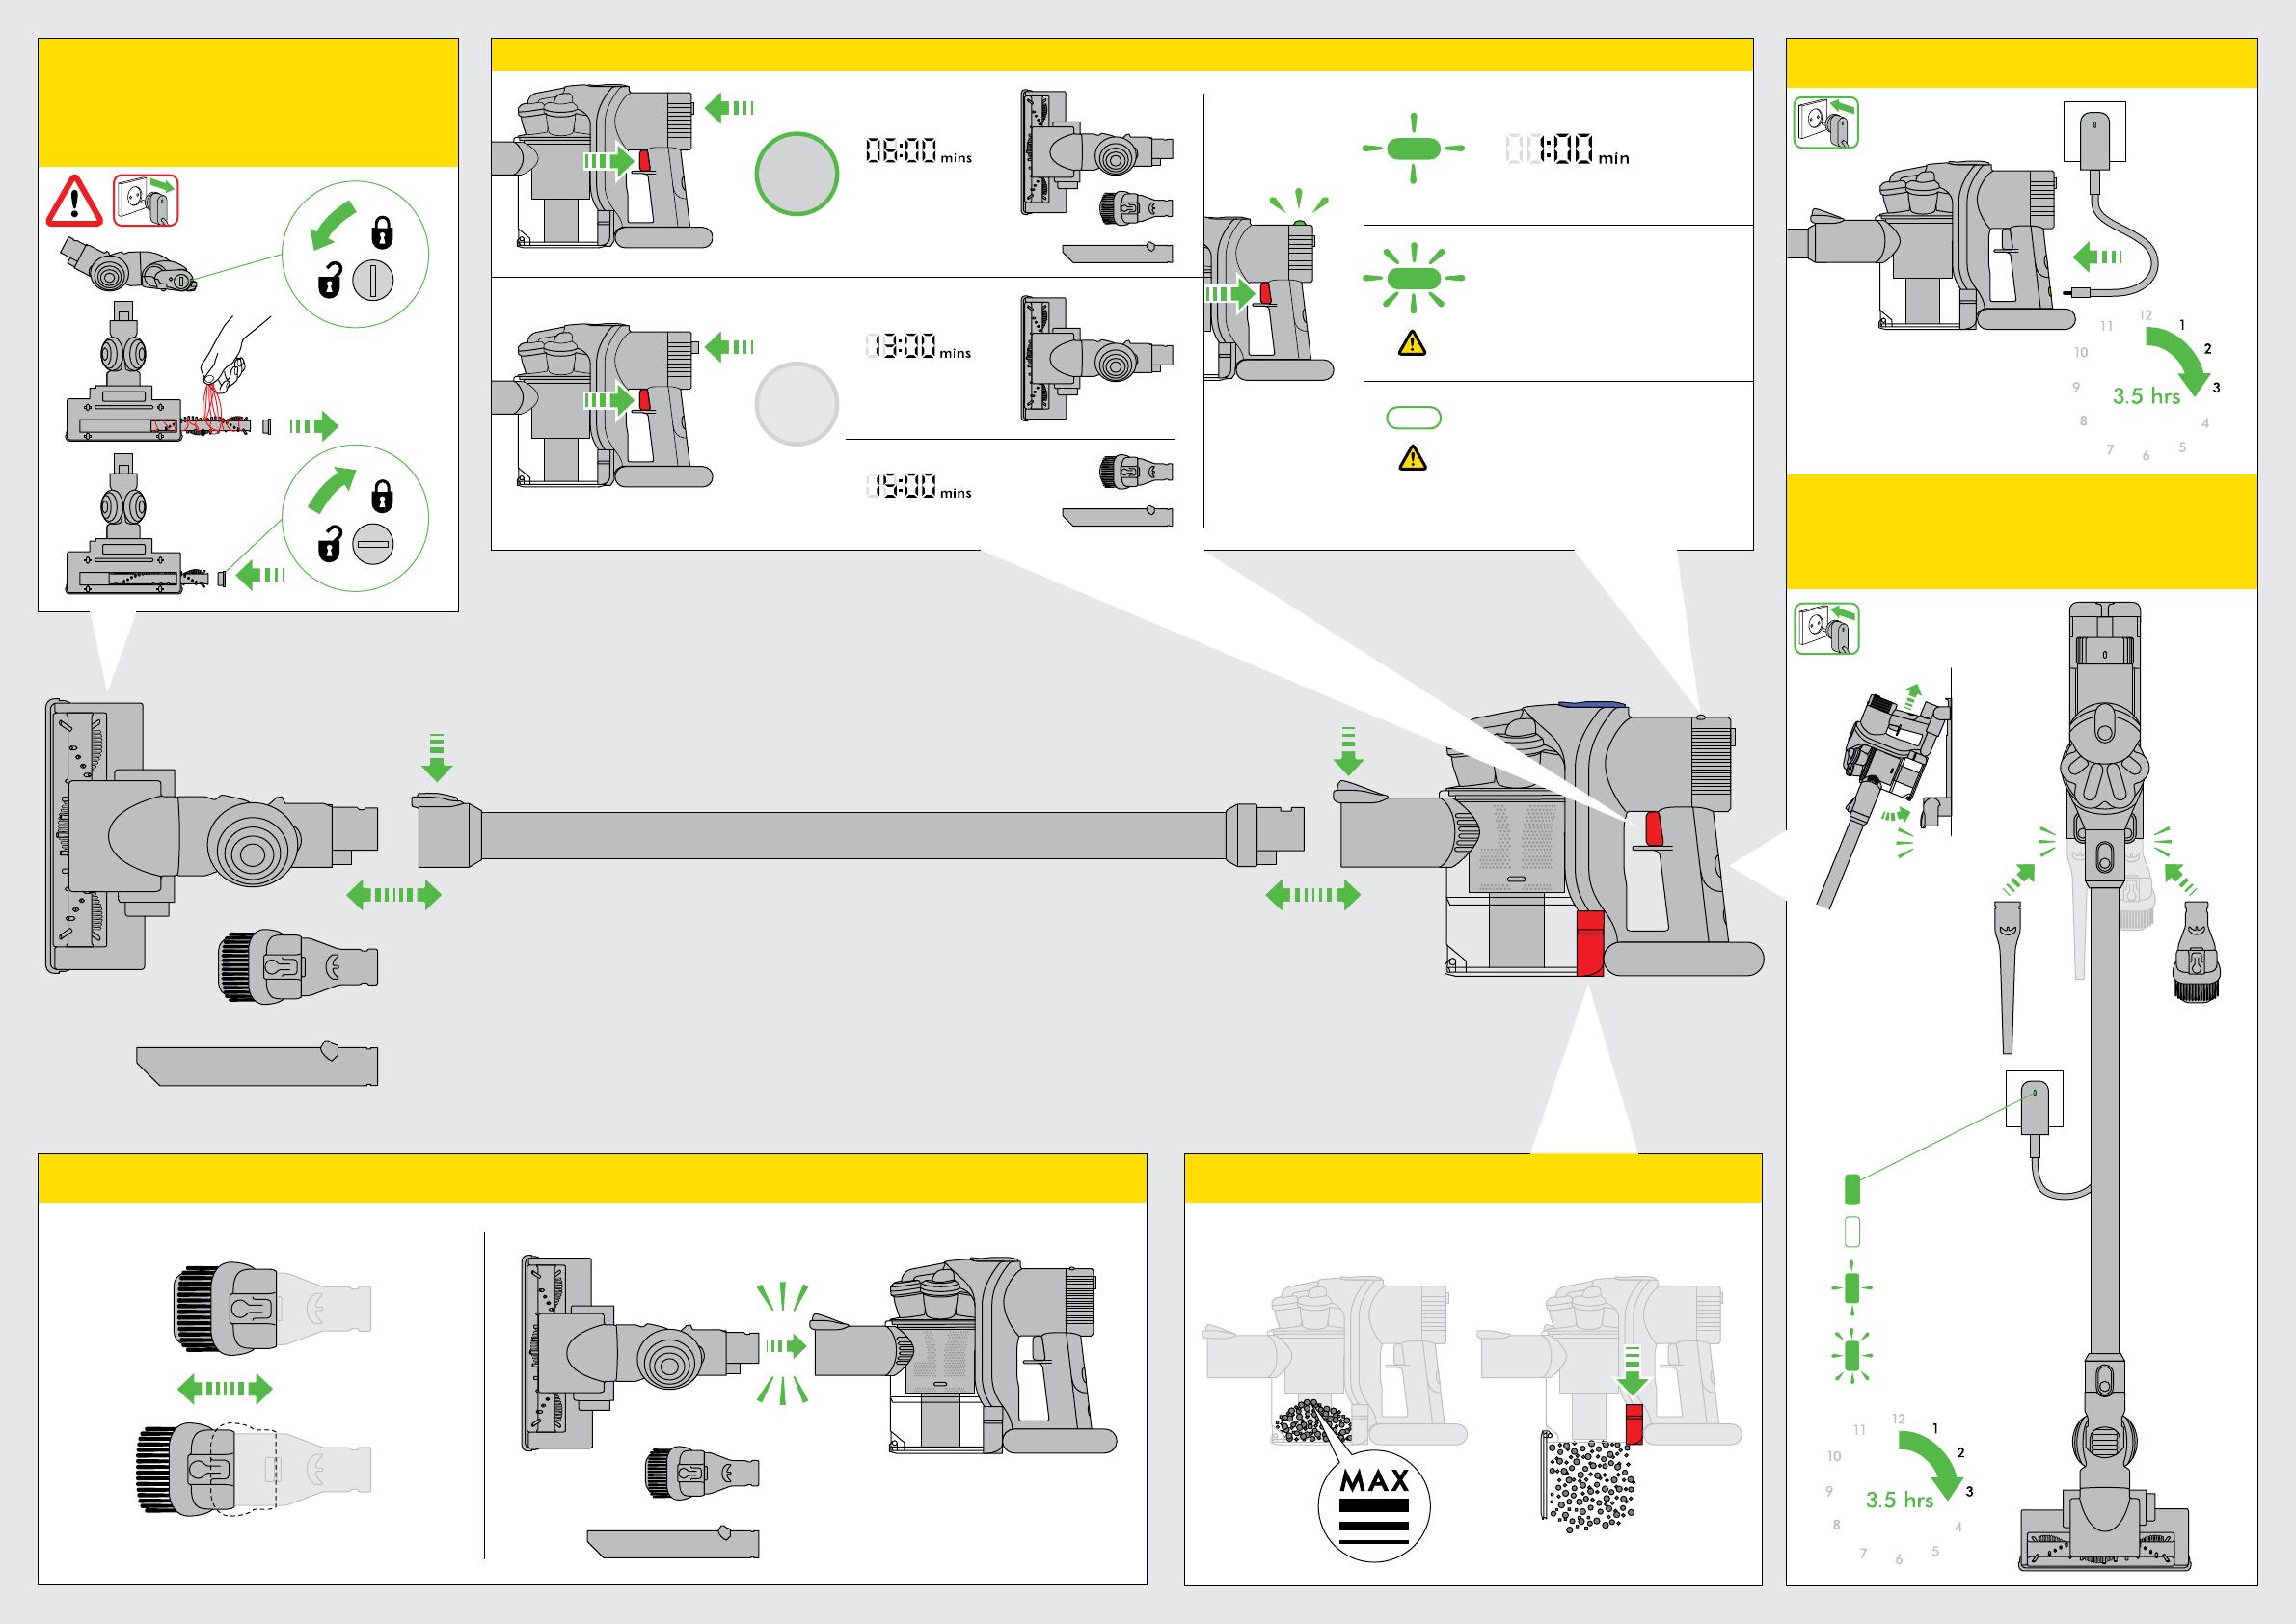 Пылесос беспроводной дайсон инструкция по эксплуатации пылесос dyson беспроводной как чистить